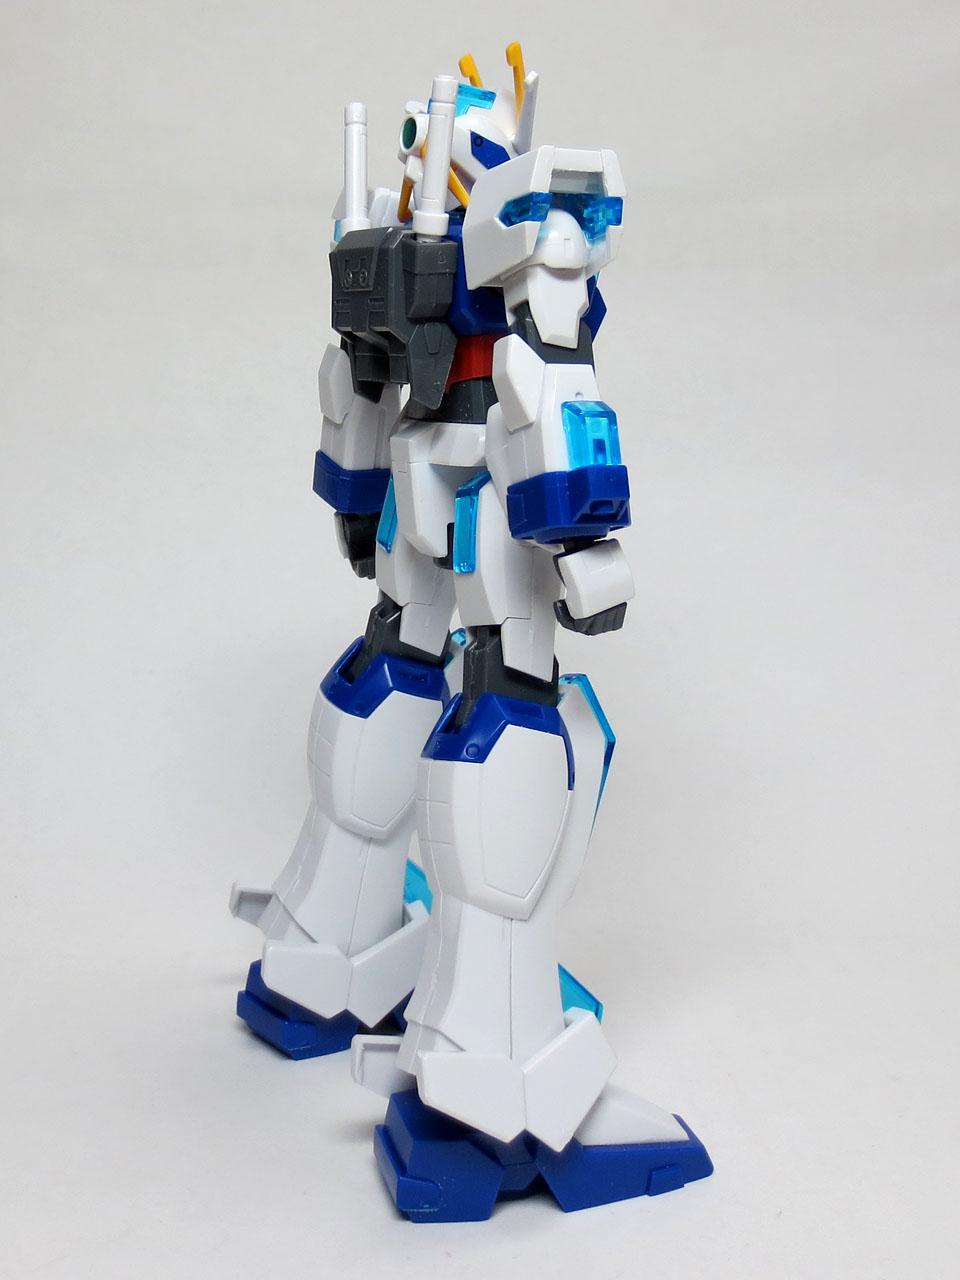 HG_Extreme_gundam_12.jpg